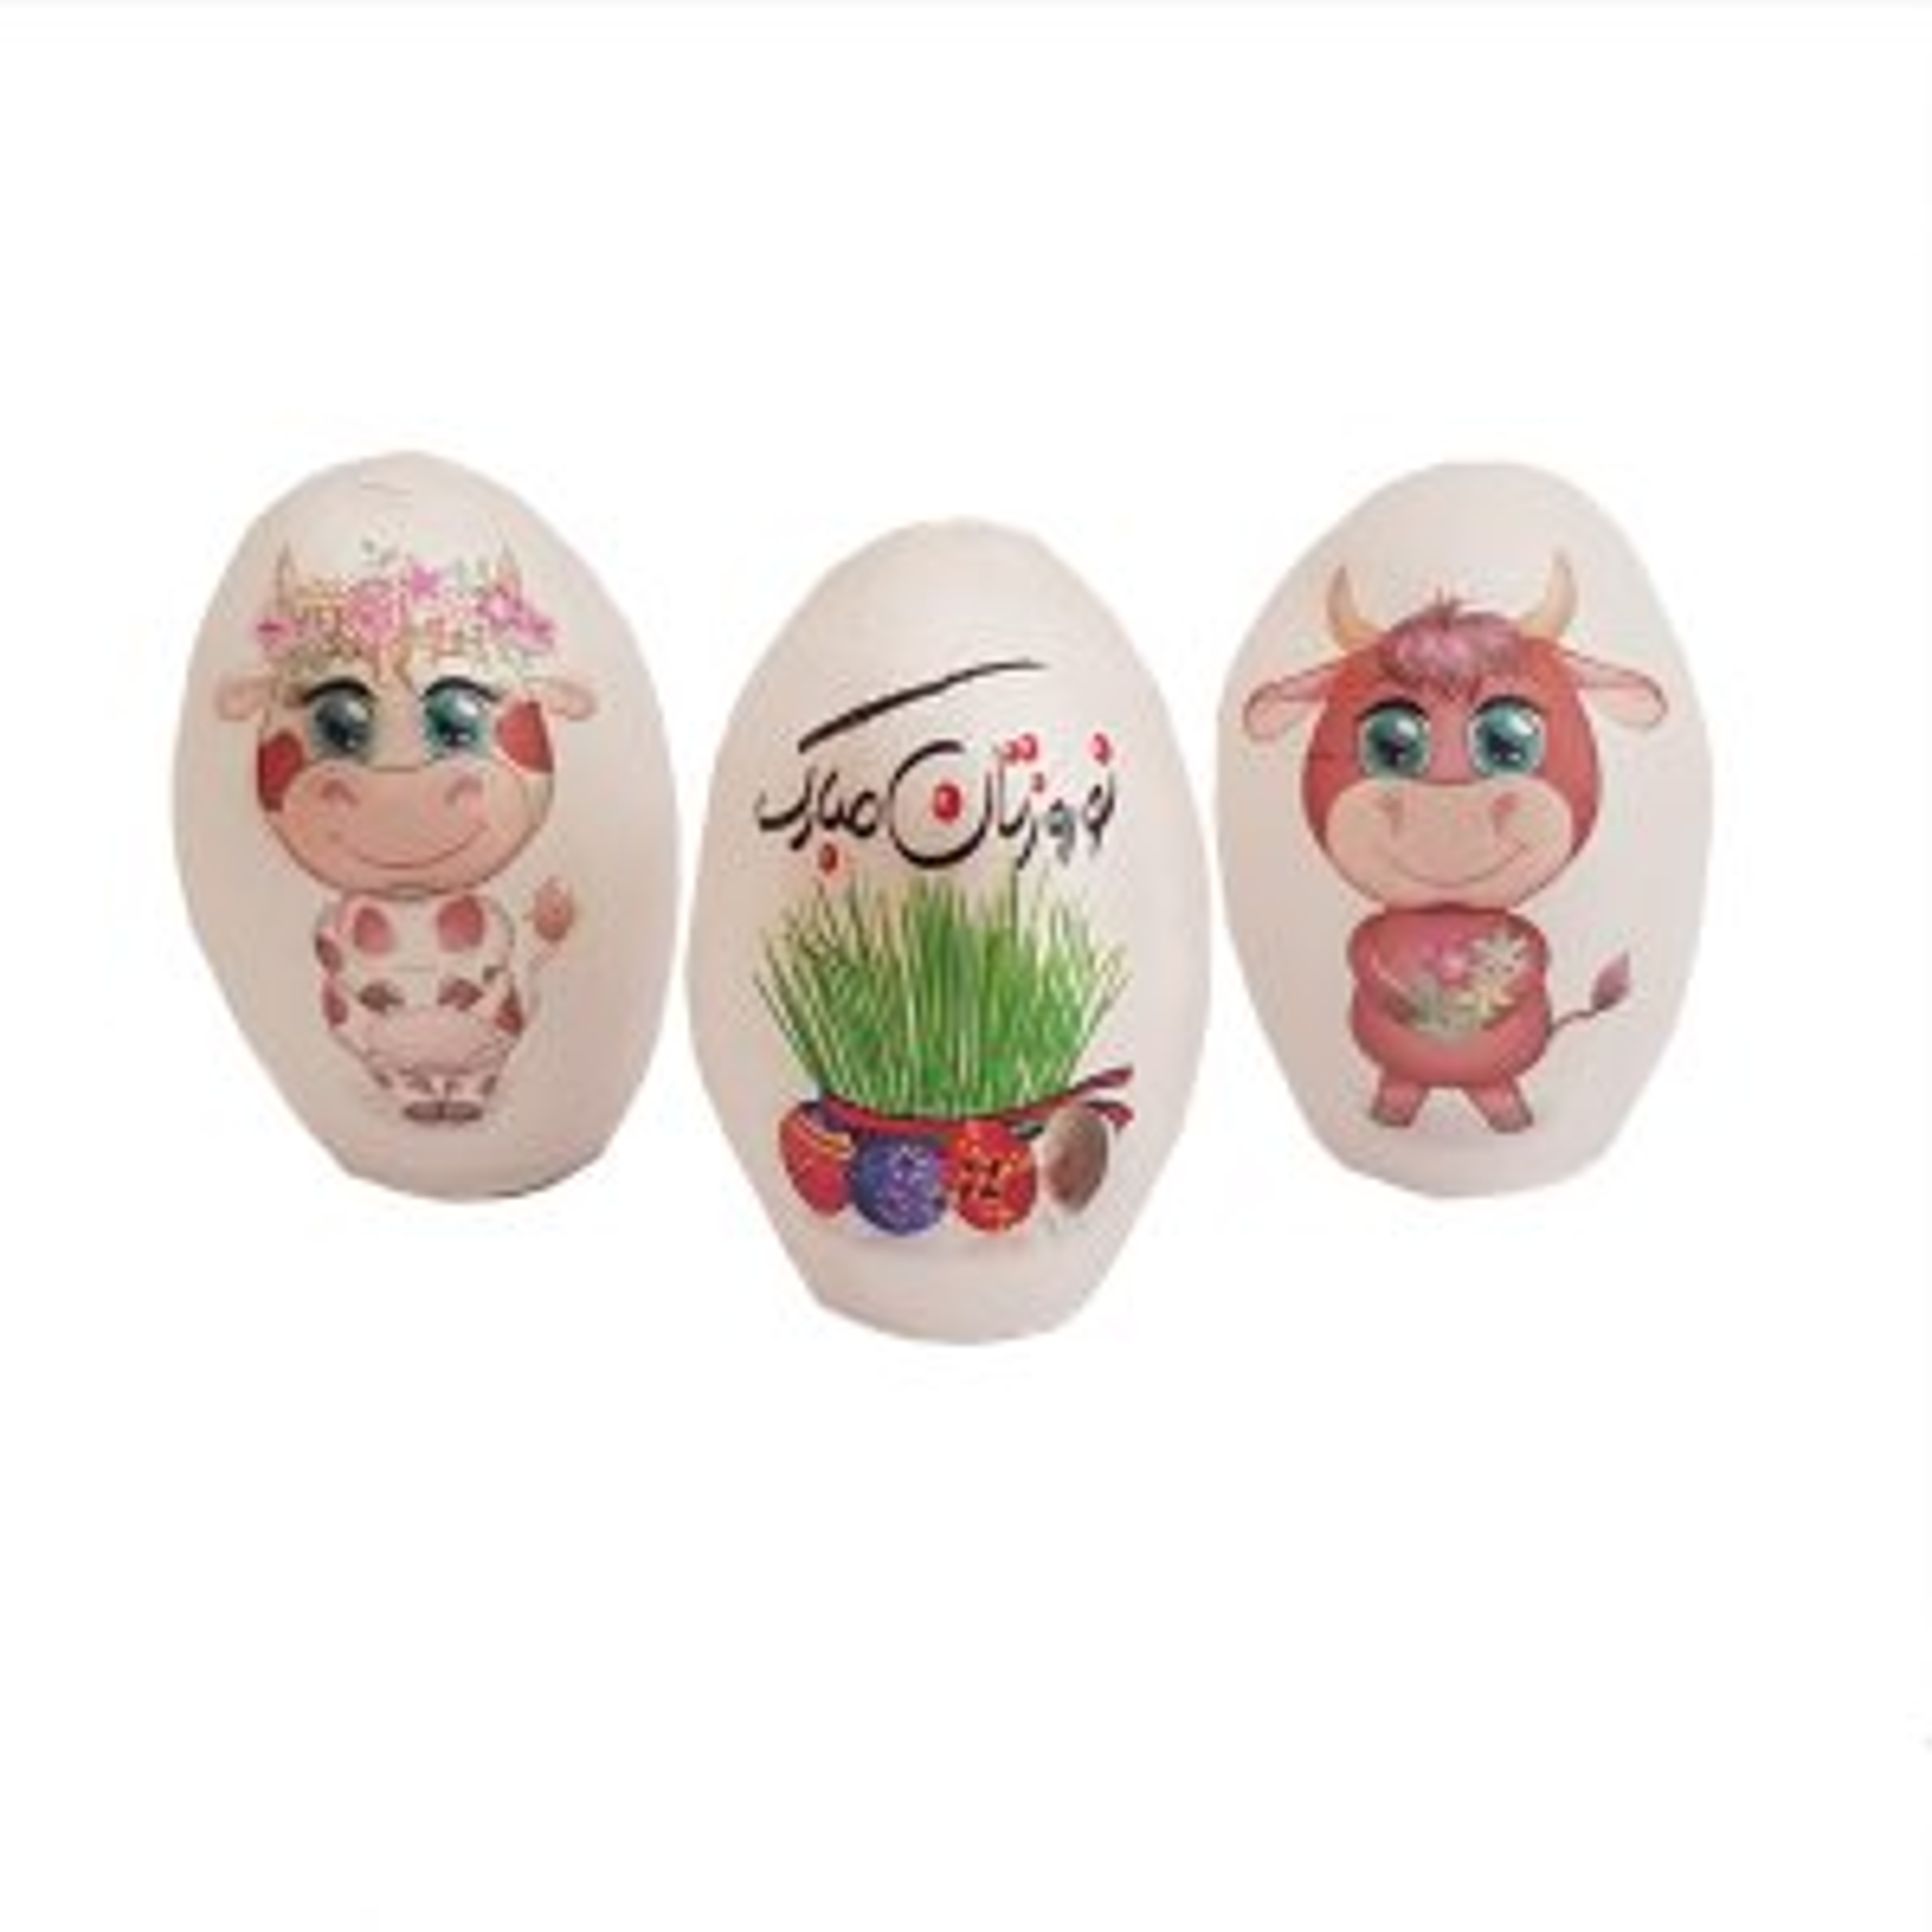 تخم مرغ تزیینی هفت سین طرح گاو کد FF010 مجموعه 3 عددی